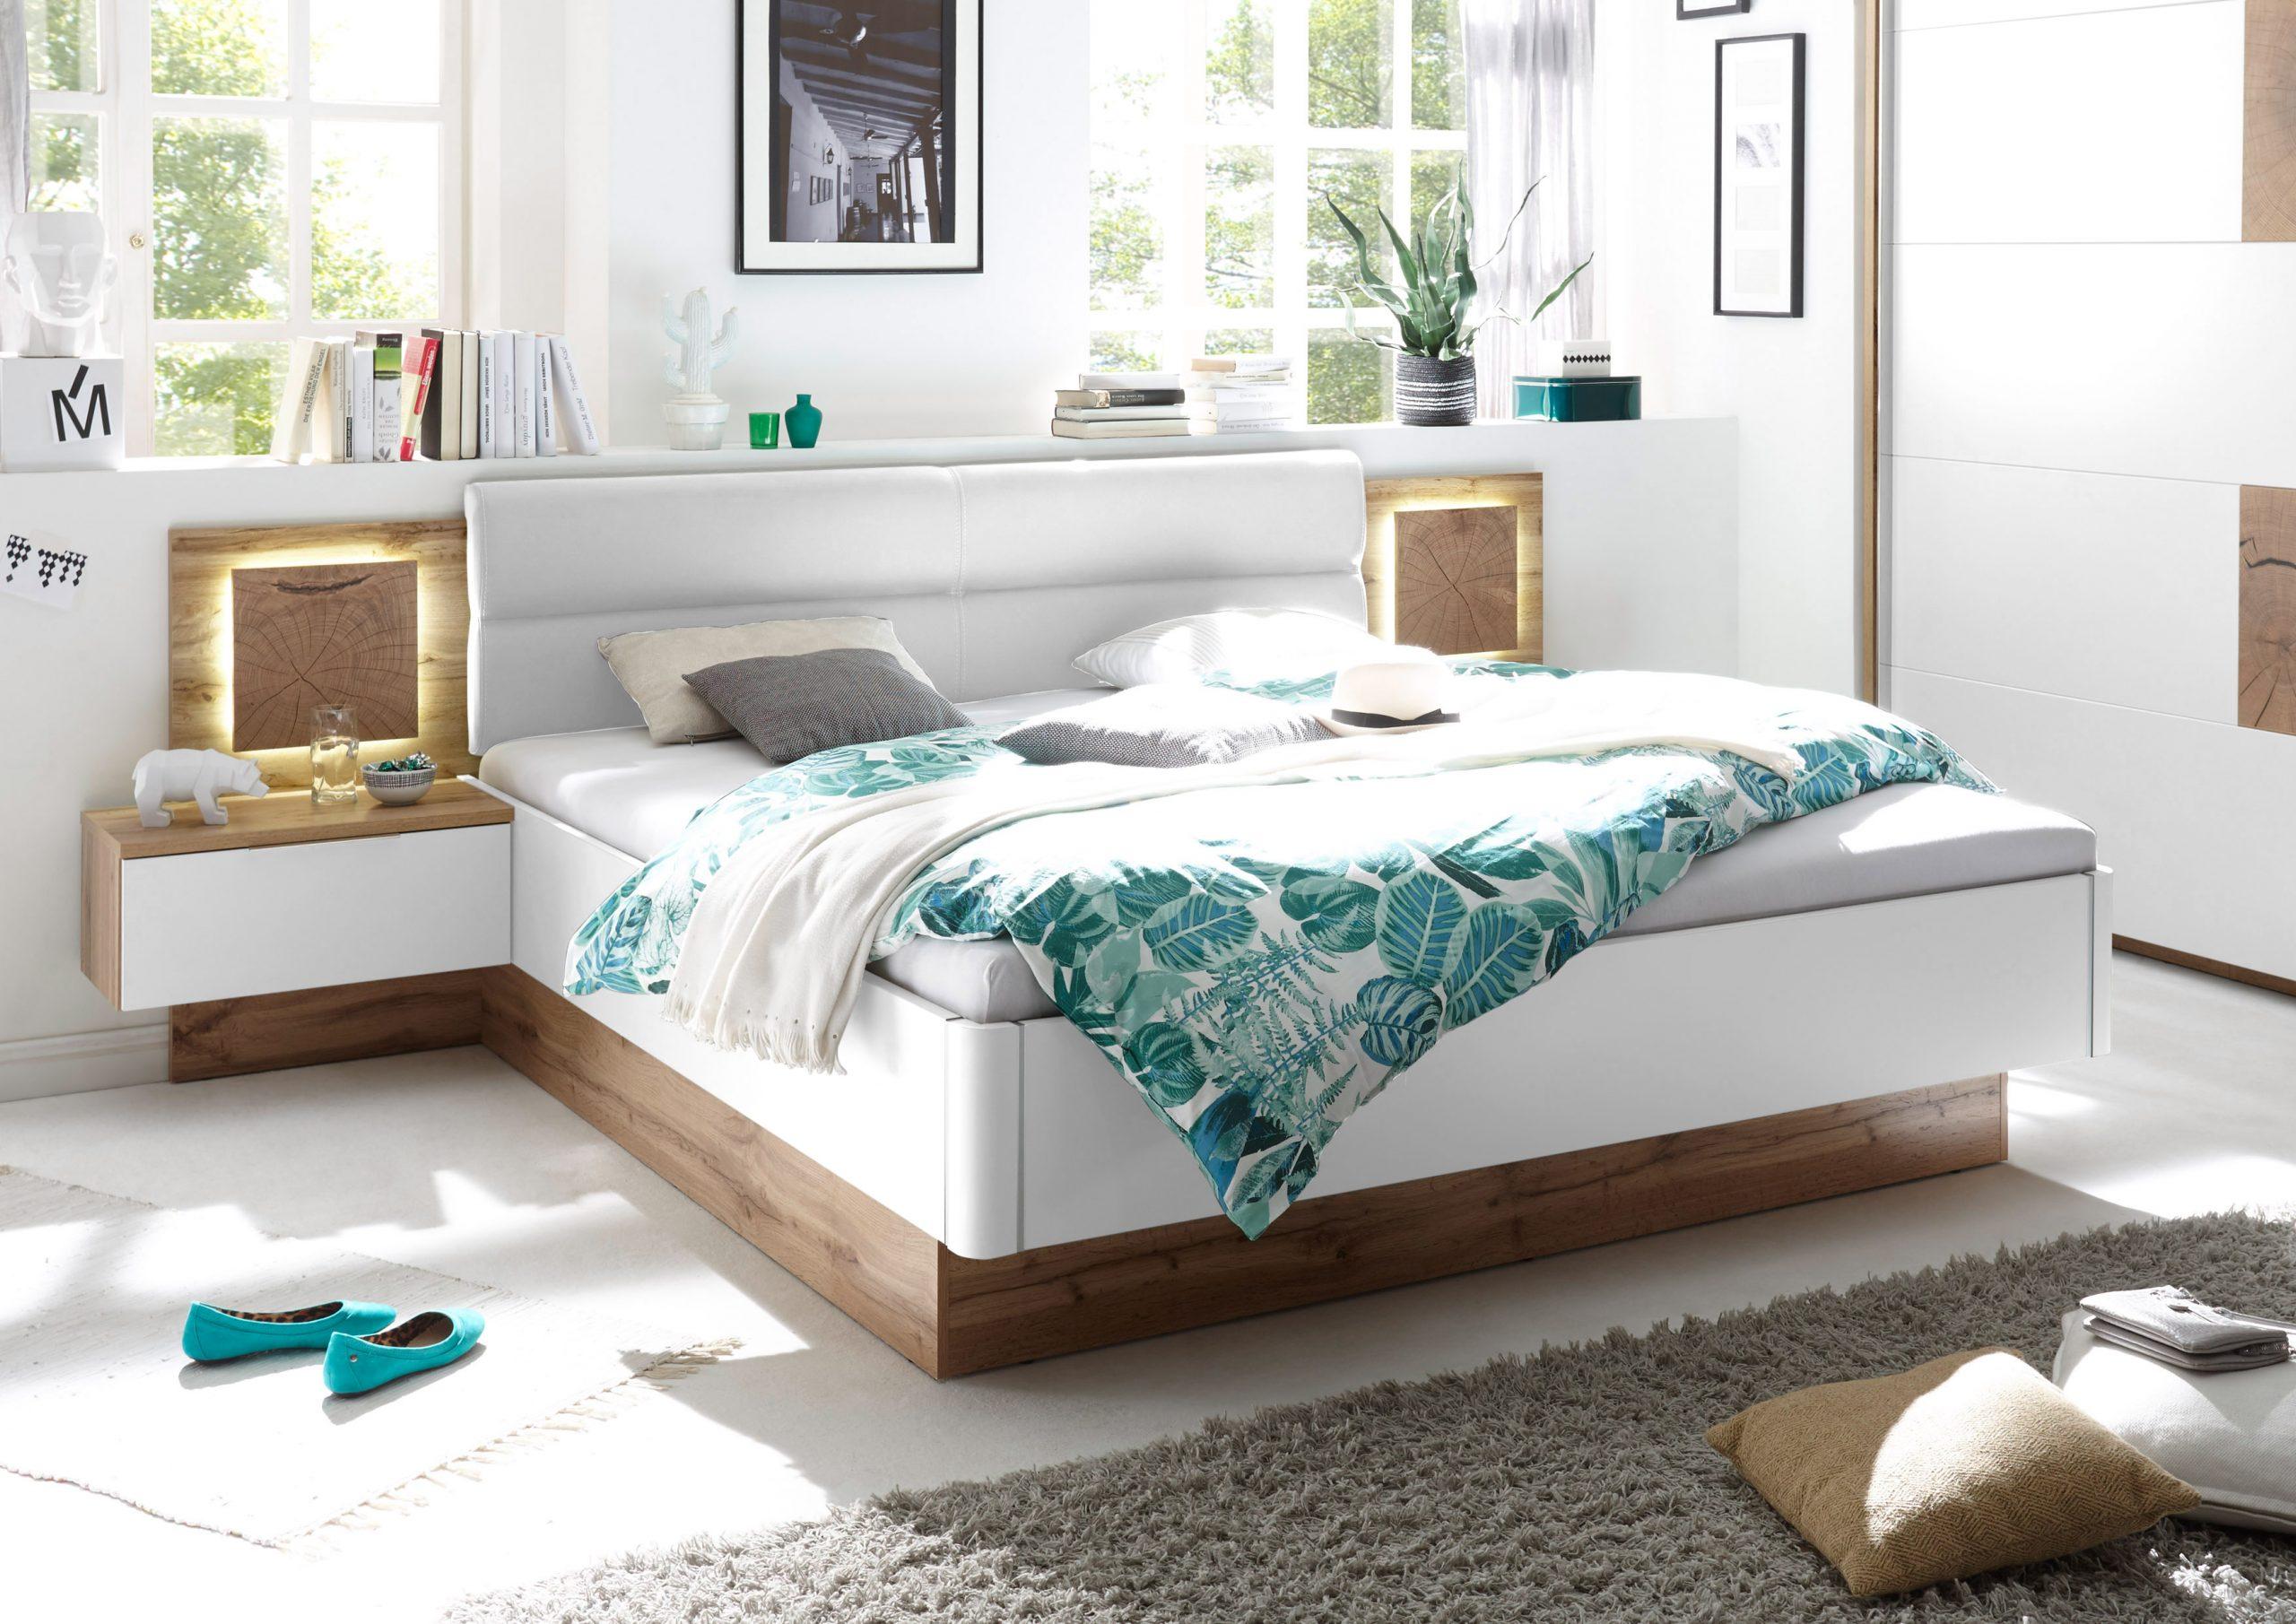 Full Size of Günstige Schlafzimmer Komplett Set 4 Tlg Capri Bett 180 Kleiderschrank Mit Lattenrost Und Matratze Wandleuchte Regale Massivholz Komplette Tapeten Komplettes Schlafzimmer Günstige Schlafzimmer Komplett